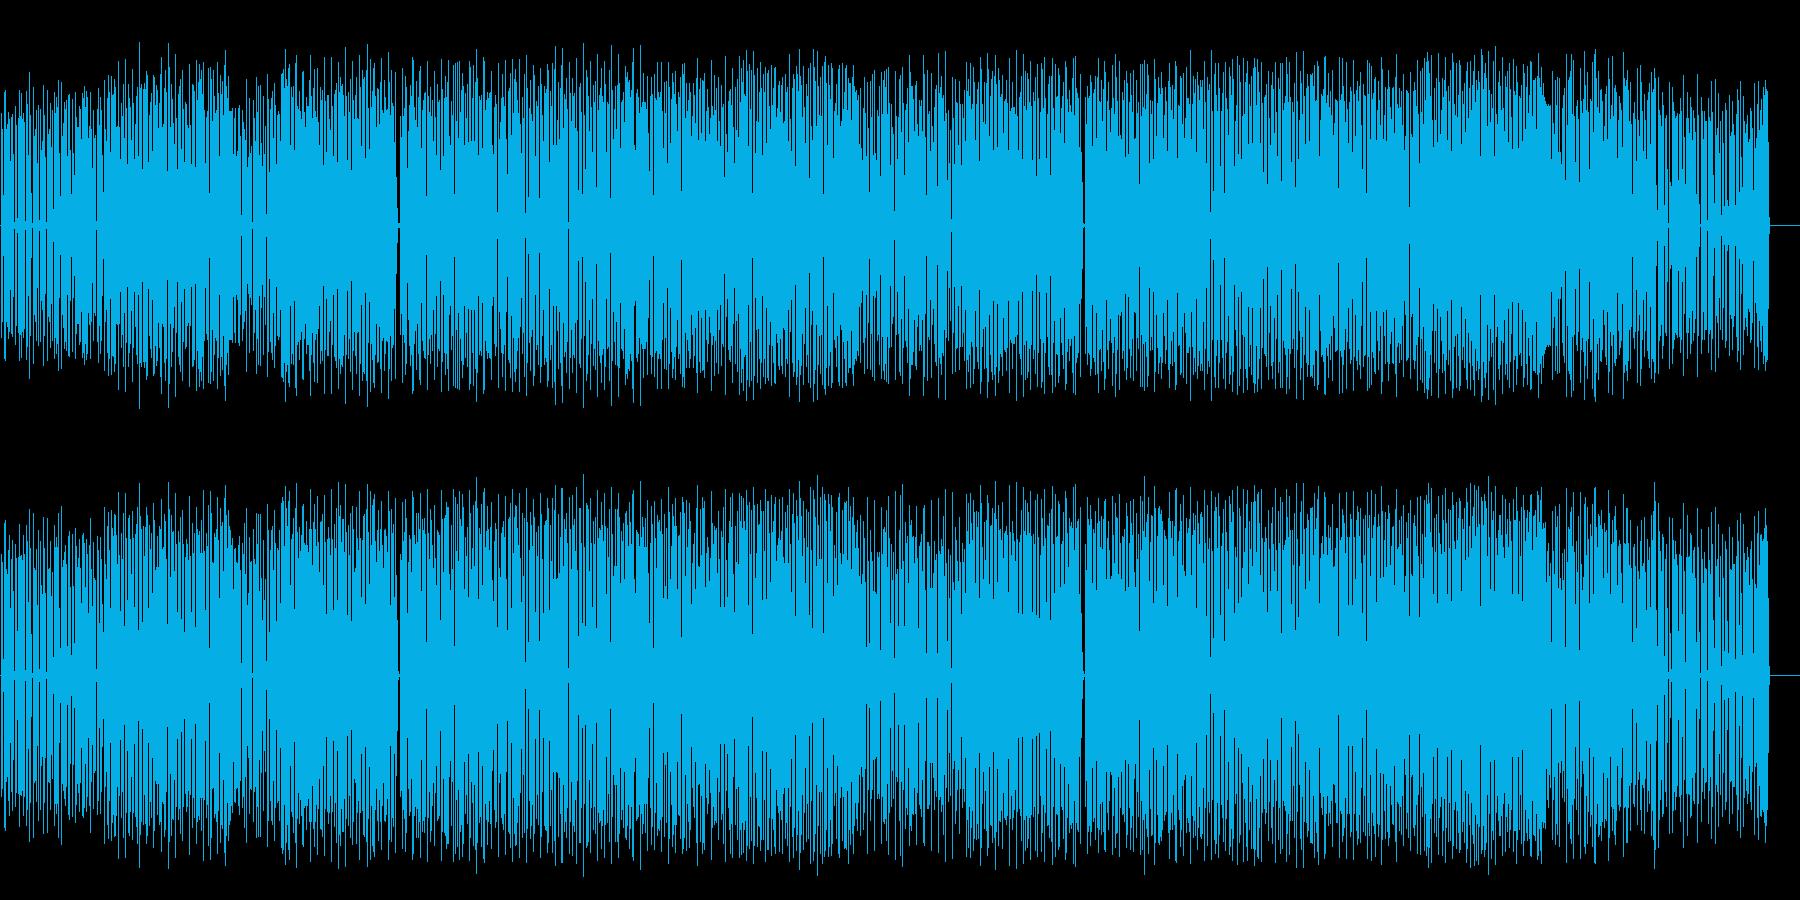 洒落た空気がダンサブルなマイナーポップの再生済みの波形